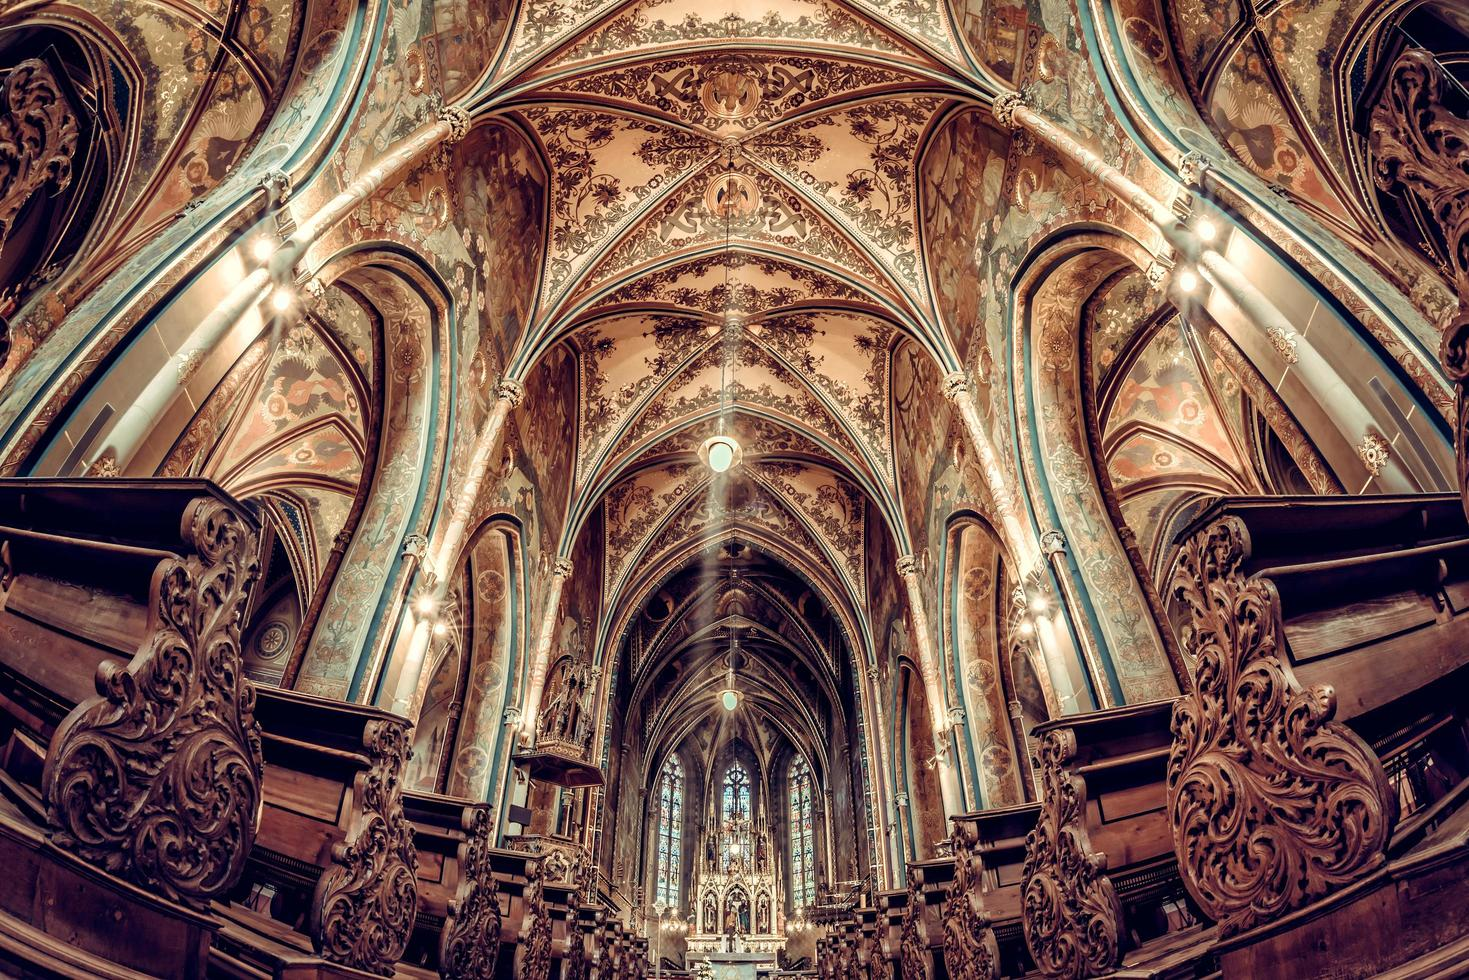 intérieur de la basilique de st. peter et paul photo